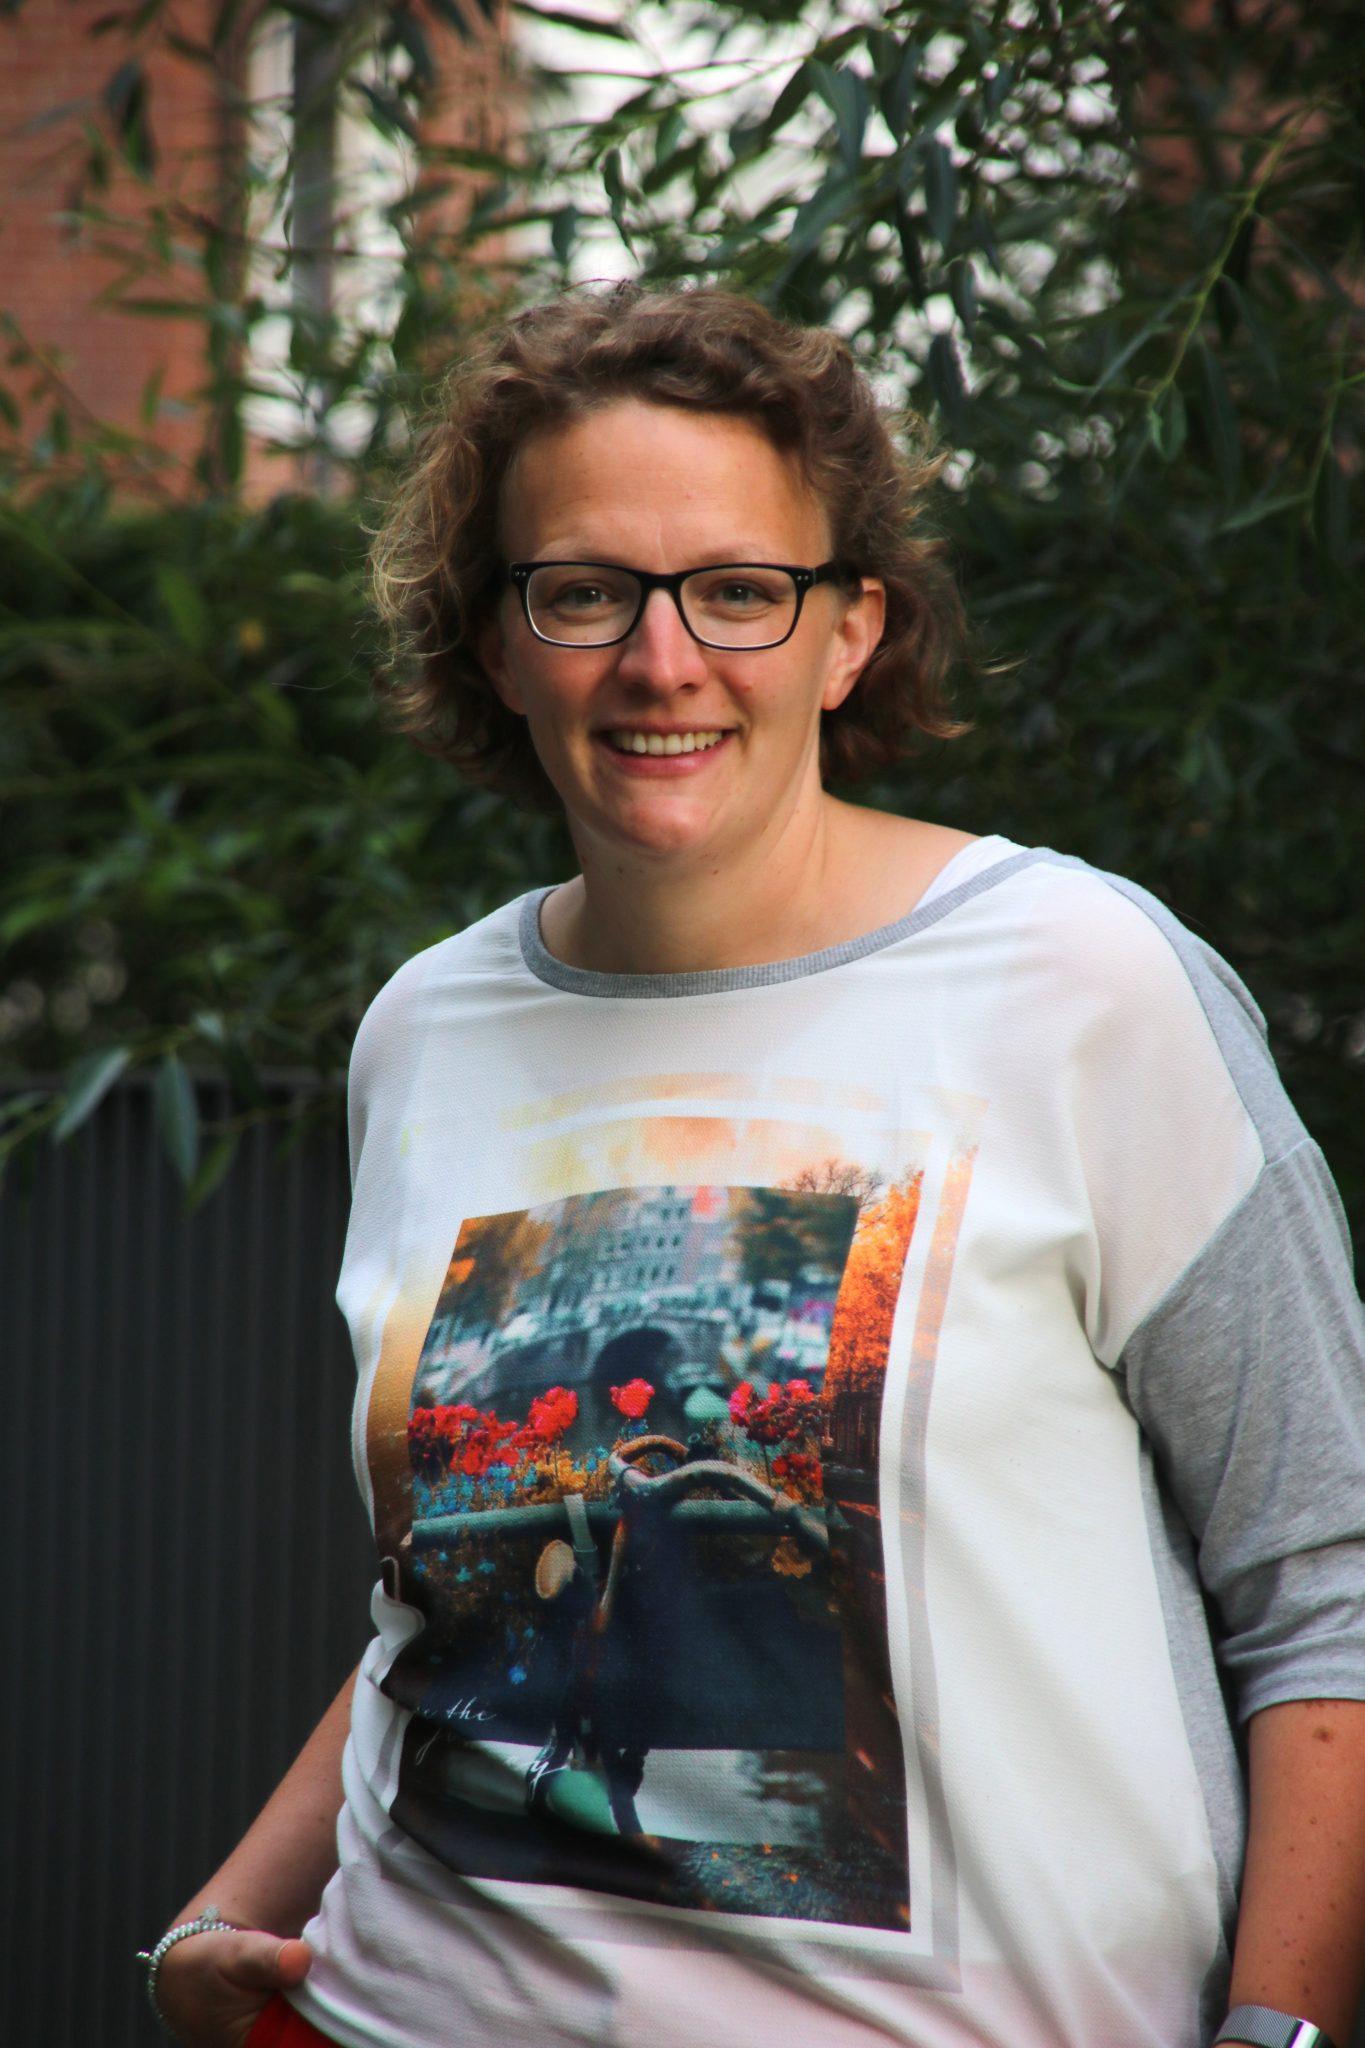 Anita Beuning